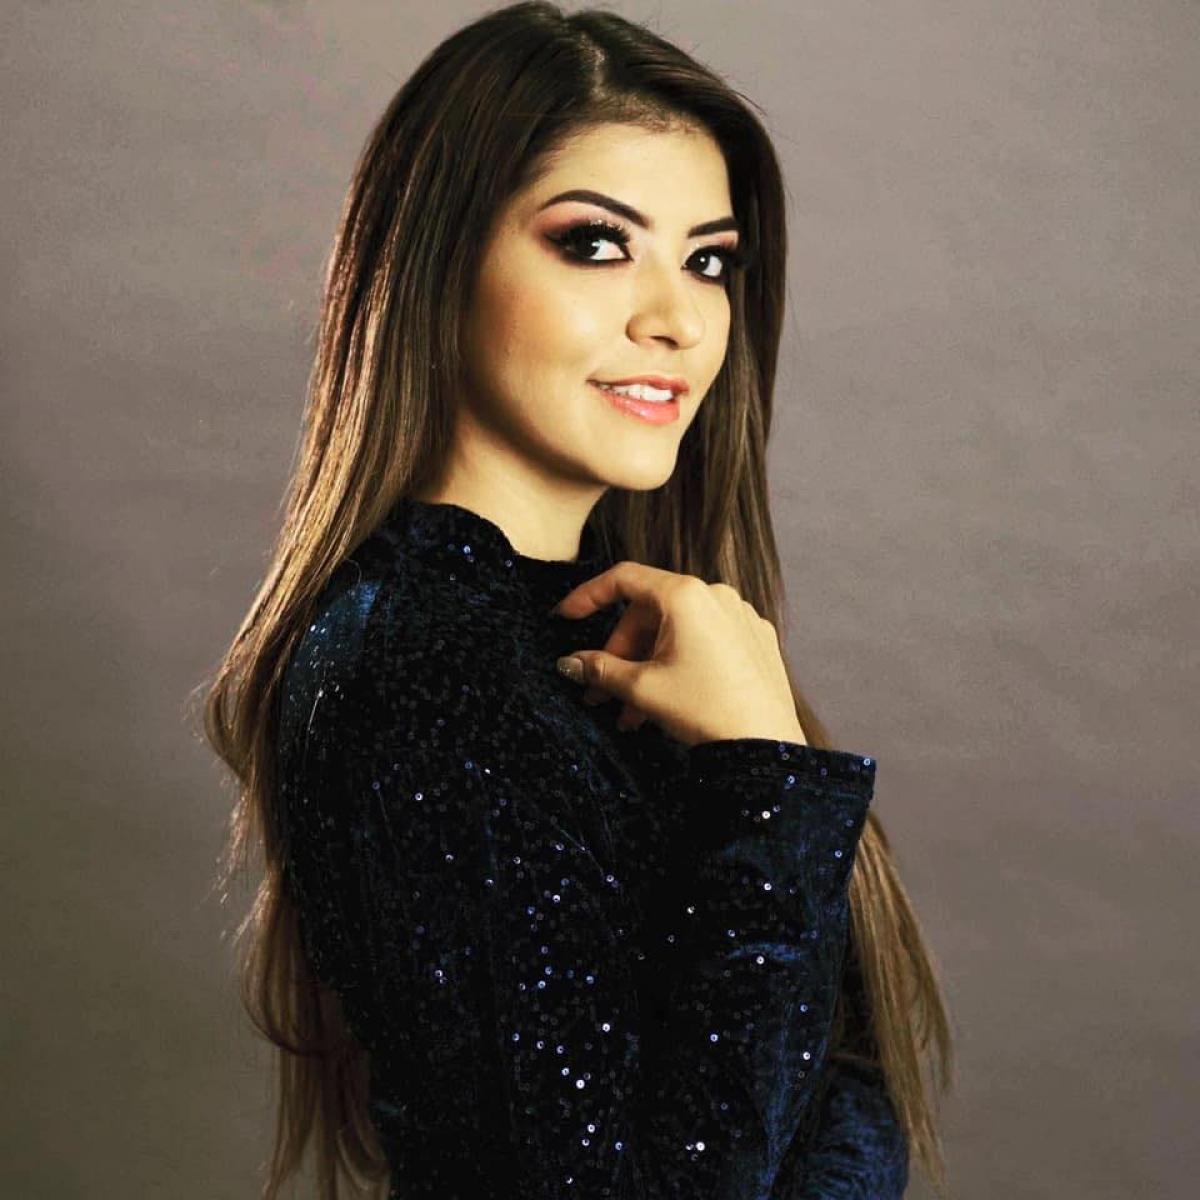 Cô sẽ đại diện cho Mexico tranh tài tại cuộc thi Hoa hậu Siêu quốc gia 2021 sắp diễn ra tại Ba Lan.